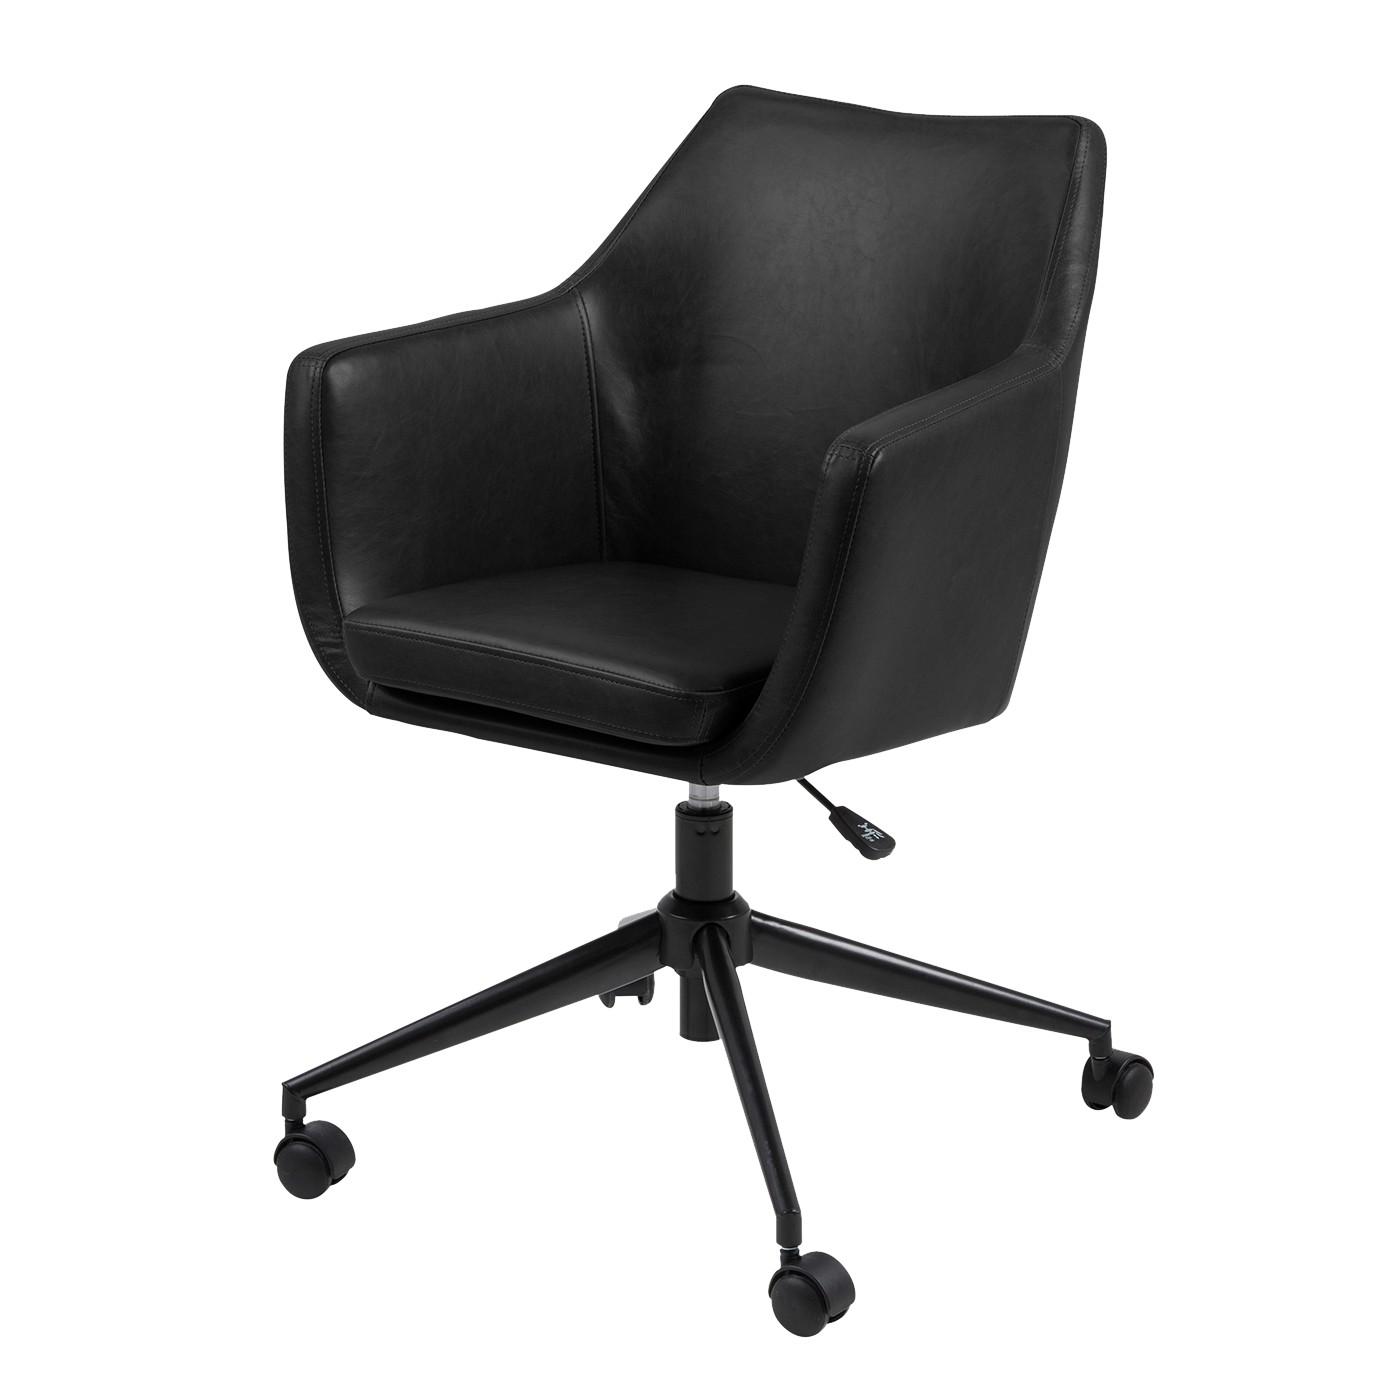 Chaise de bureau nicholas i imitation cuir m tal noir morteens meubles en - Chaise imitation cuir ...